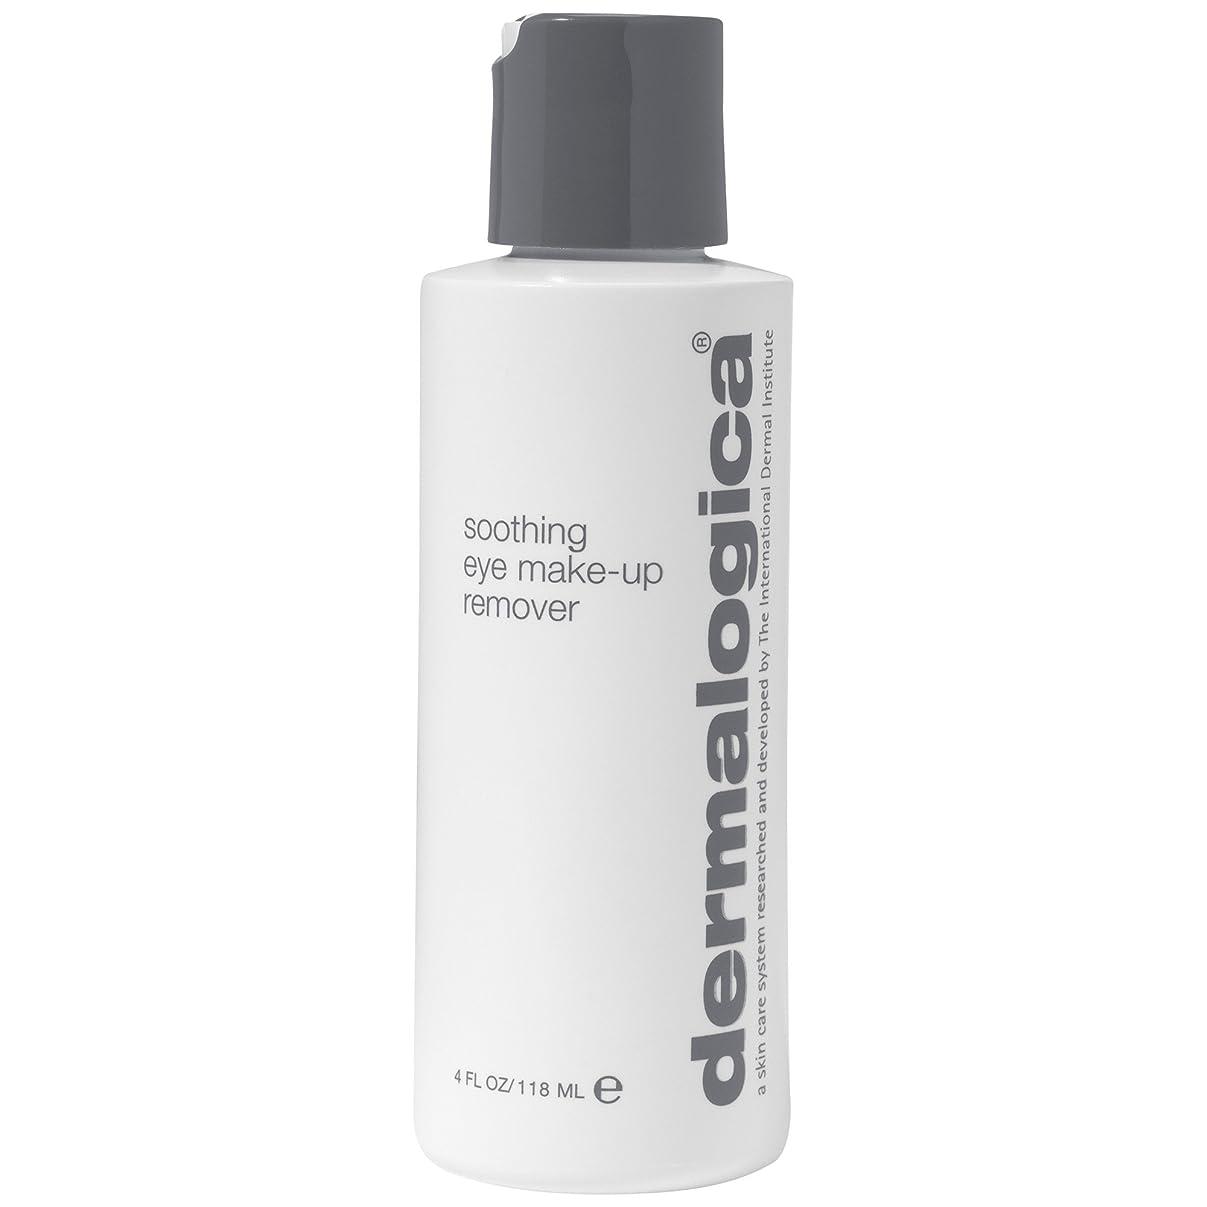 遠いクローゼット小道具ダーマロジカなだめるアイメイクアップリムーバーの118ミリリットル (Dermalogica) (x6) - Dermalogica Soothing Eye Makeup Remover 118ml (Pack of 6) [並行輸入品]